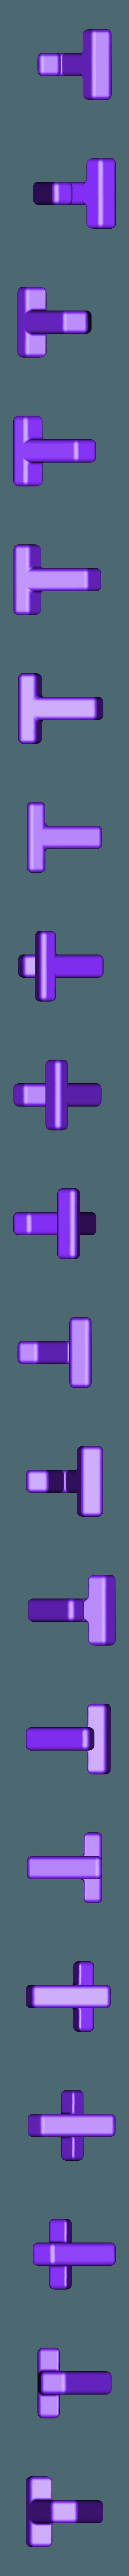 LoveHate_3D_optical_illusion_V-T.stl Télécharger fichier STL gratuit L'amour et la haine - illusion d'optique • Modèle pour impression 3D, fusefactory